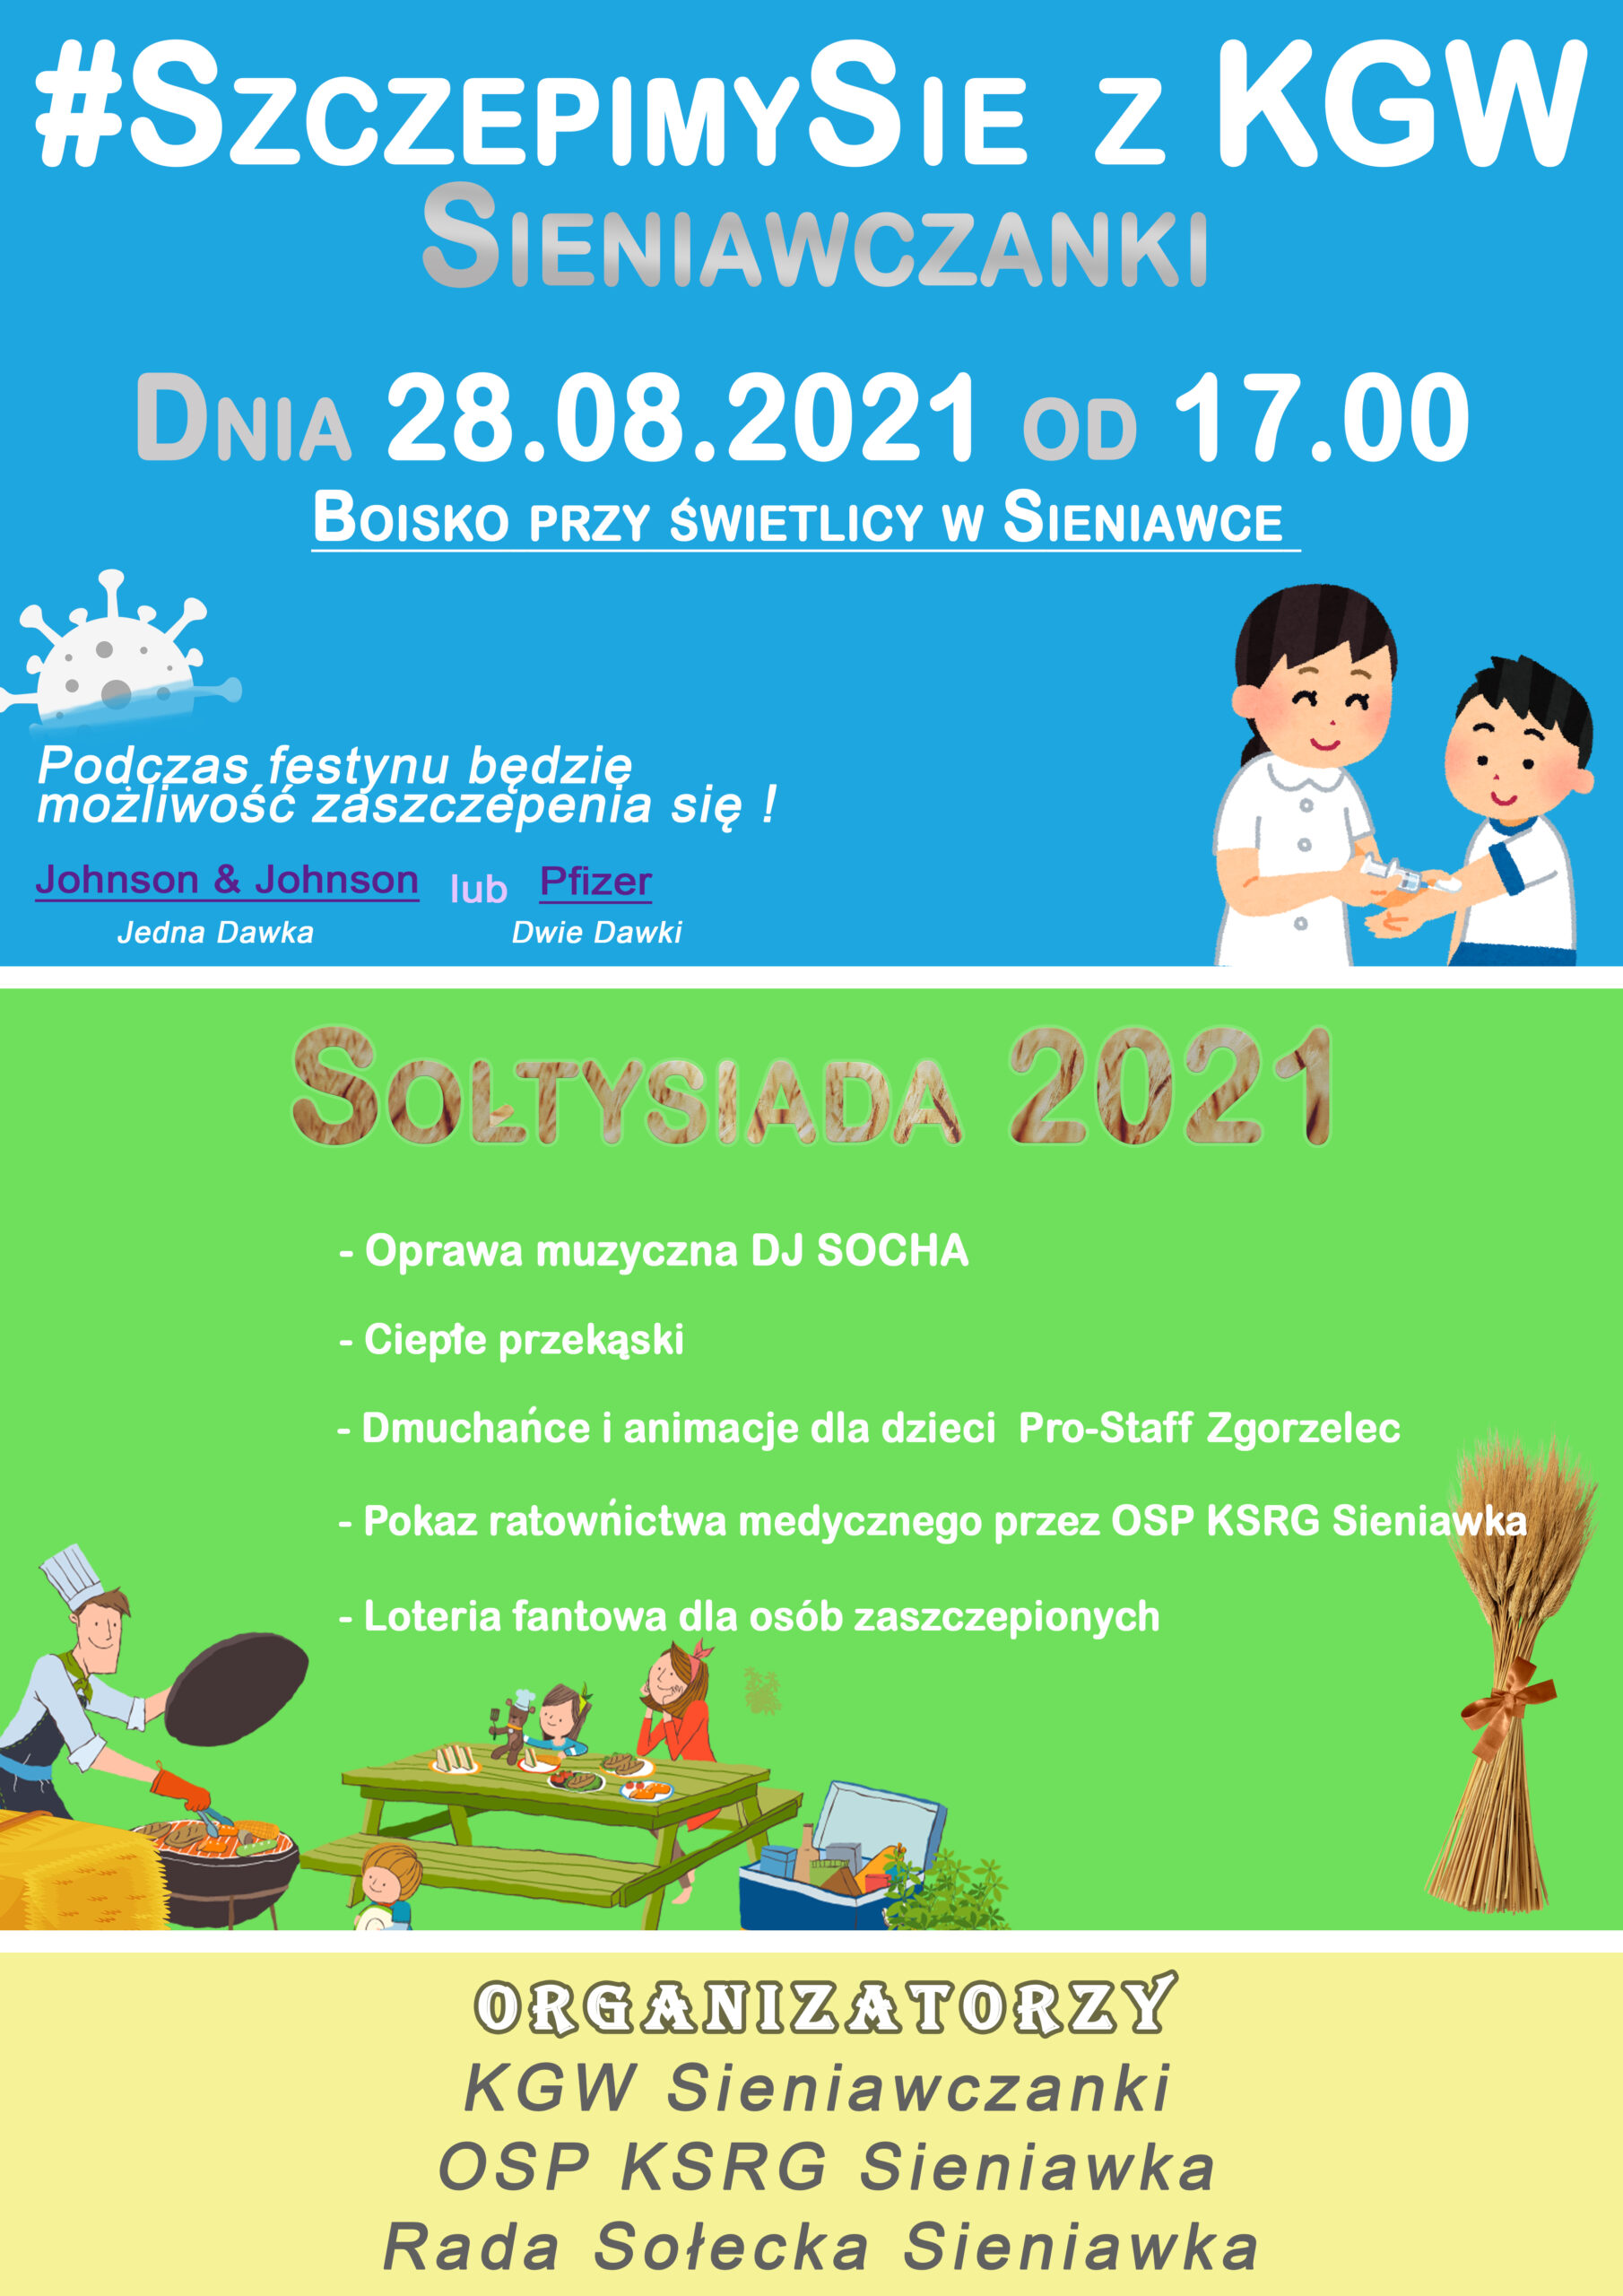 Impreza plenerowa w Sieniawce i możliwość szczepienia przeciw COVID-19